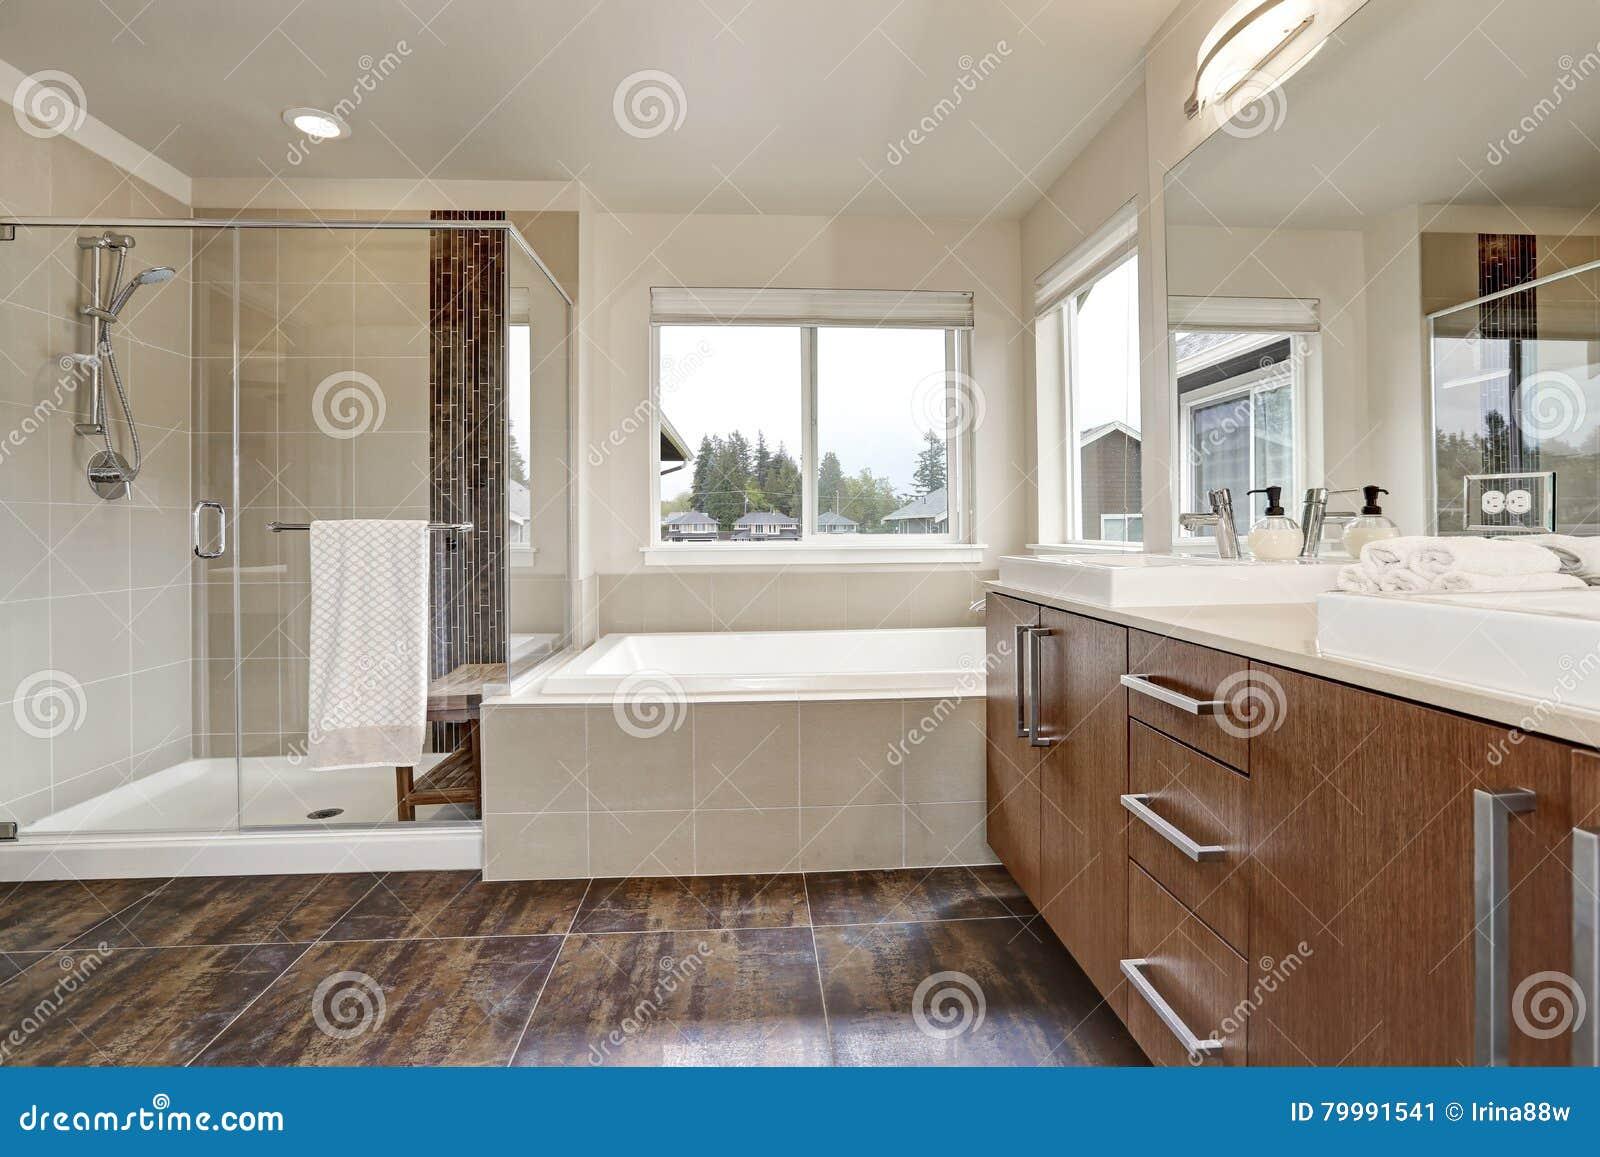 Interieur Moderne Blanc De Salle De Bains Dans La Maison Toute Neuve